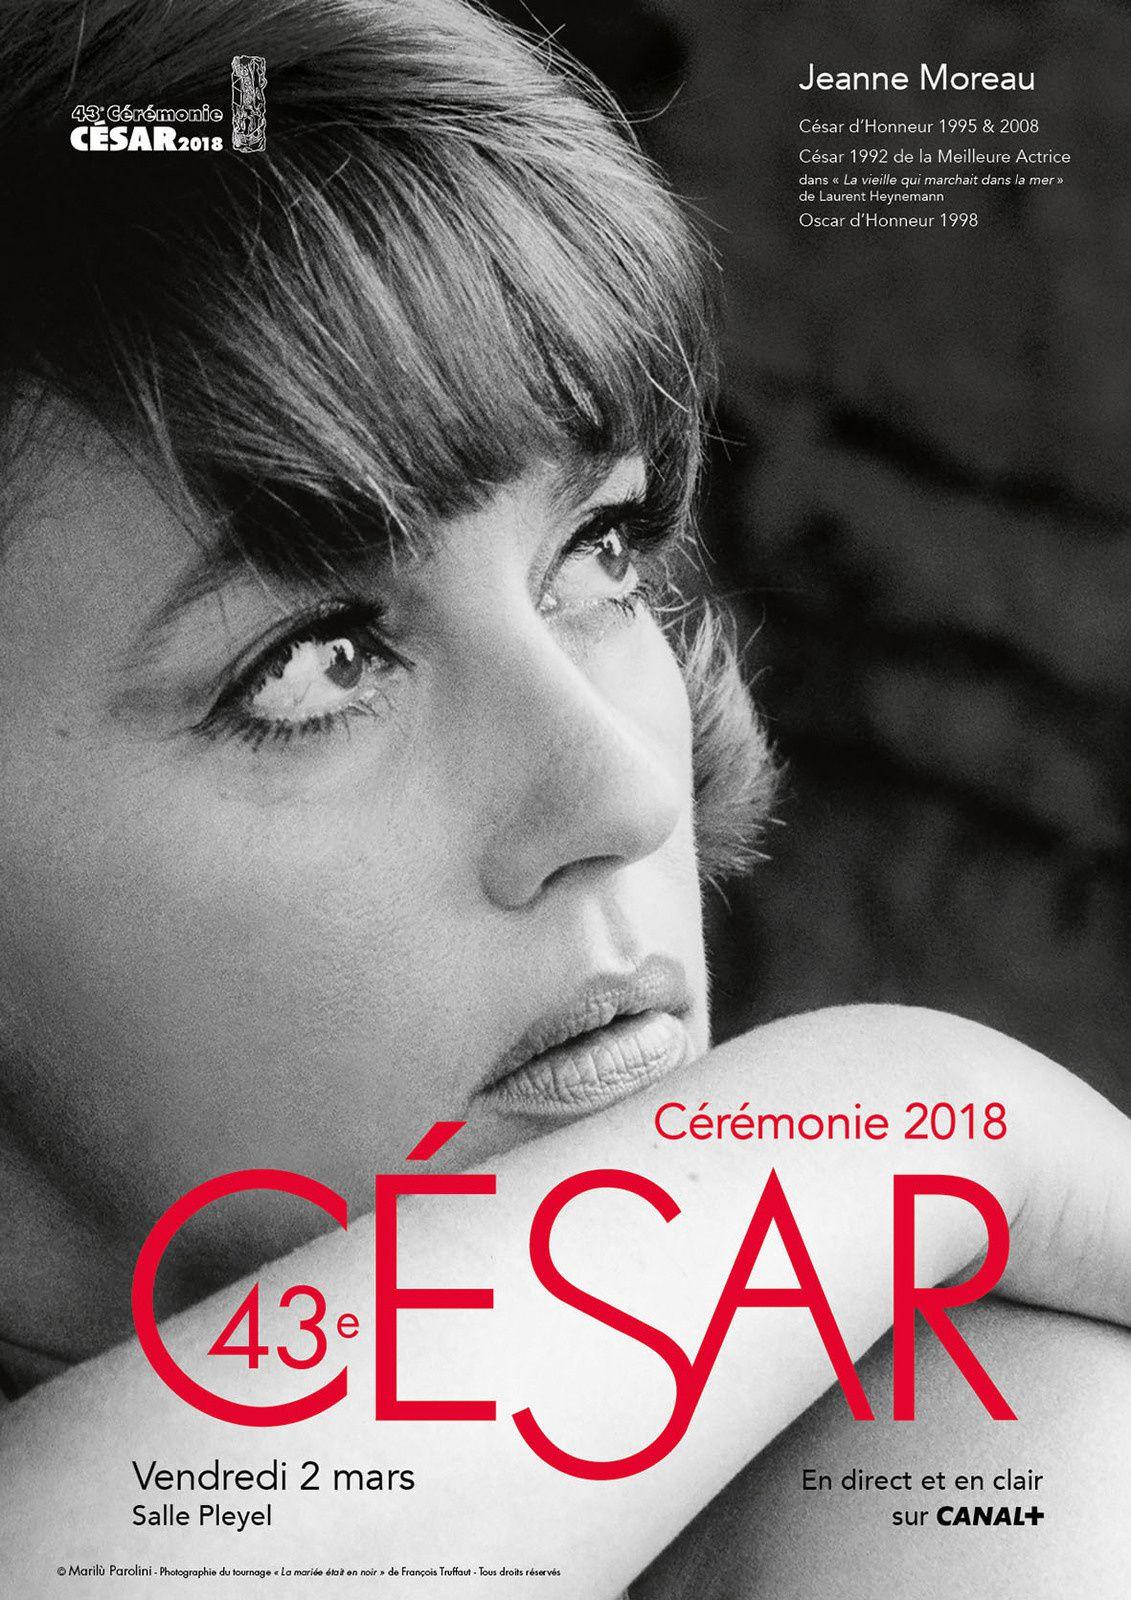 """""""Affiche de la 43e cérémonie des César"""" (© Marilù Parolini - Photographie du tournage """"La mariée était en noir"""" de François Truffaut)"""